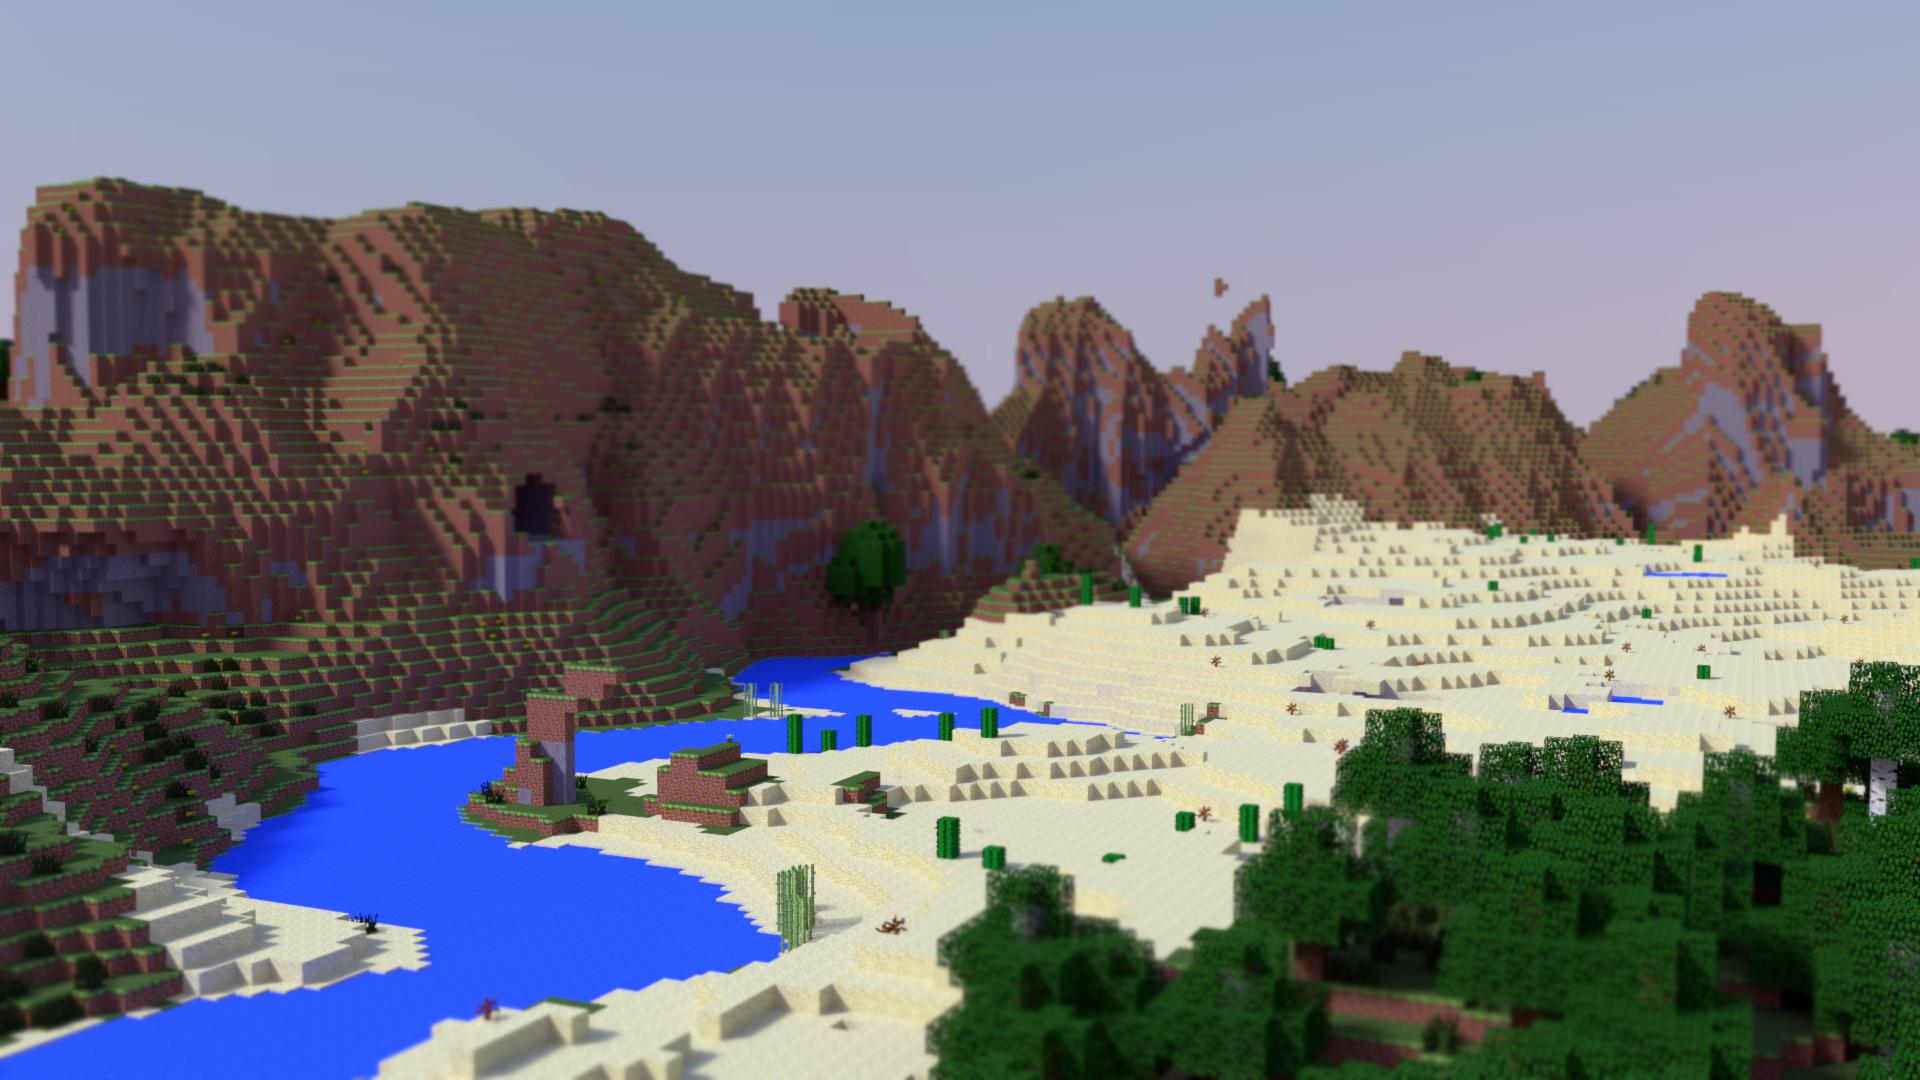 Minecraft Landscape by PerpetualStudios